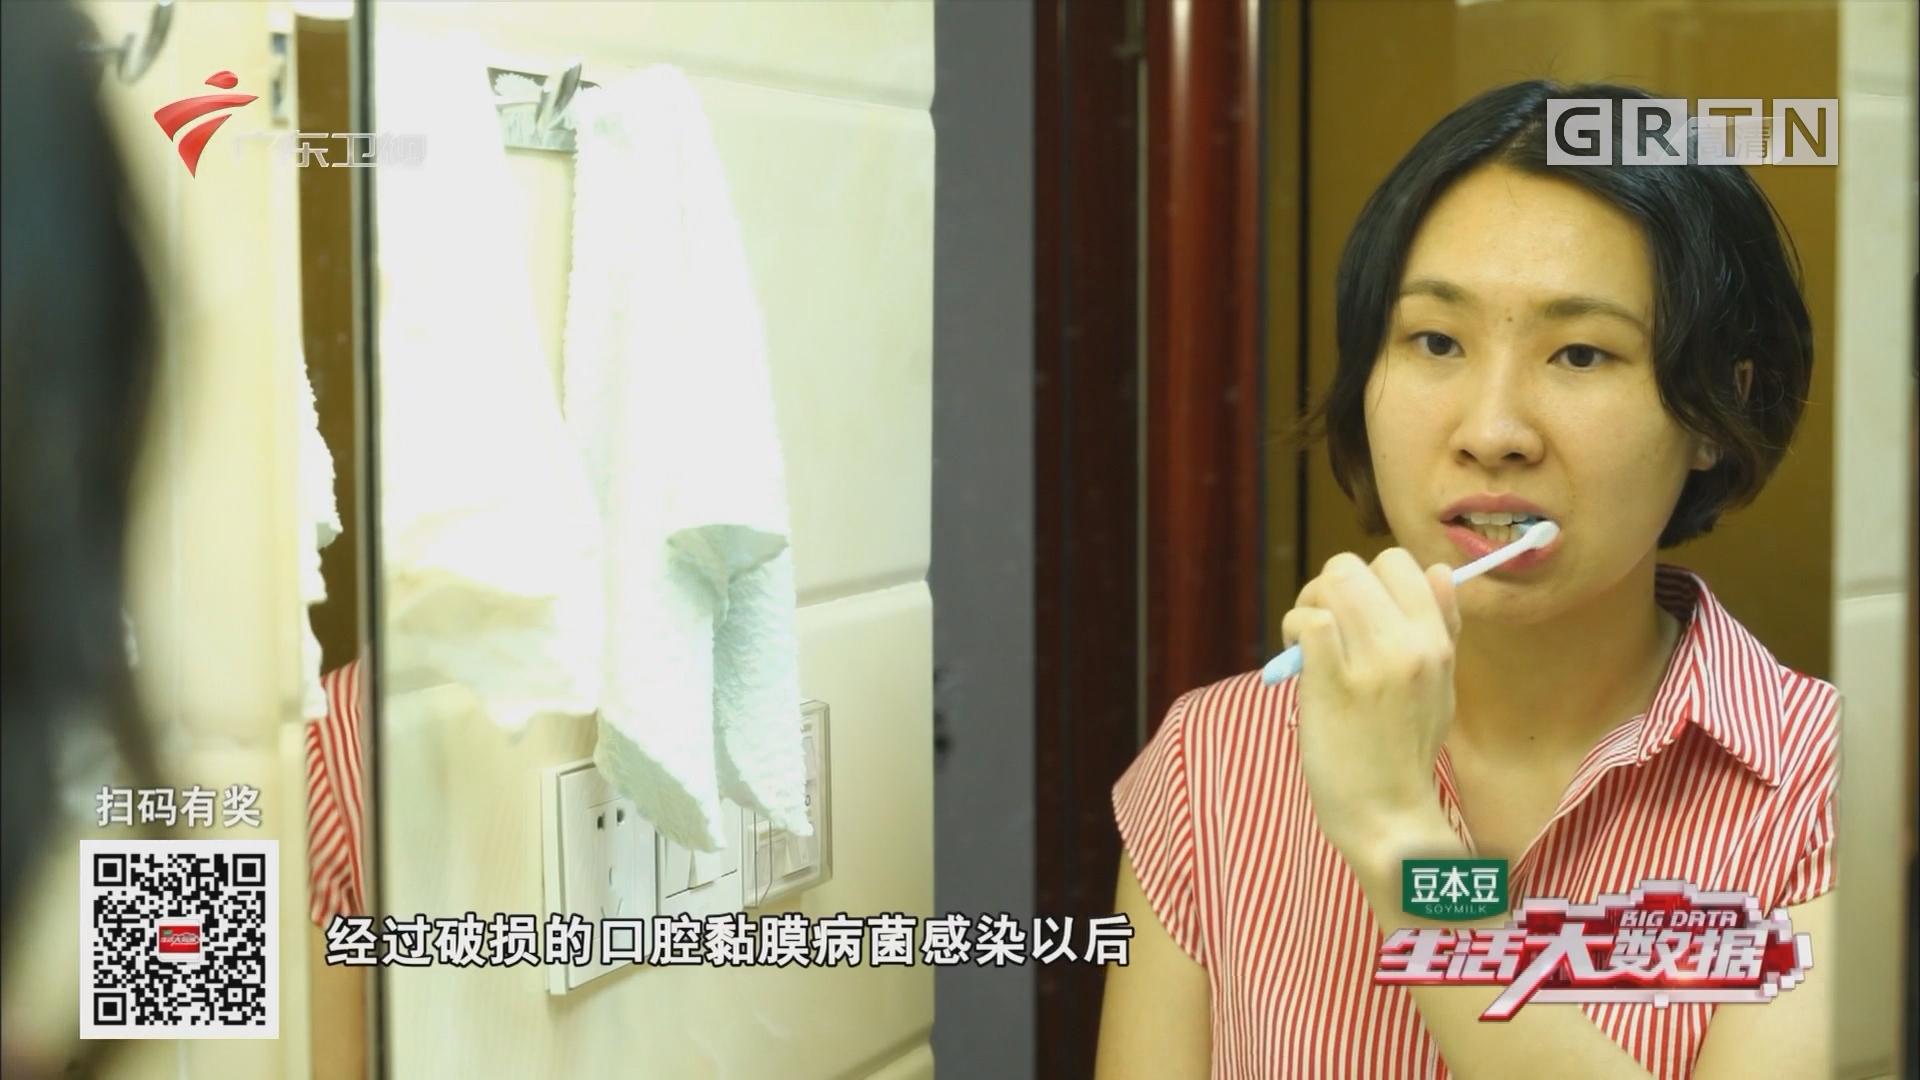 牙刷的放置